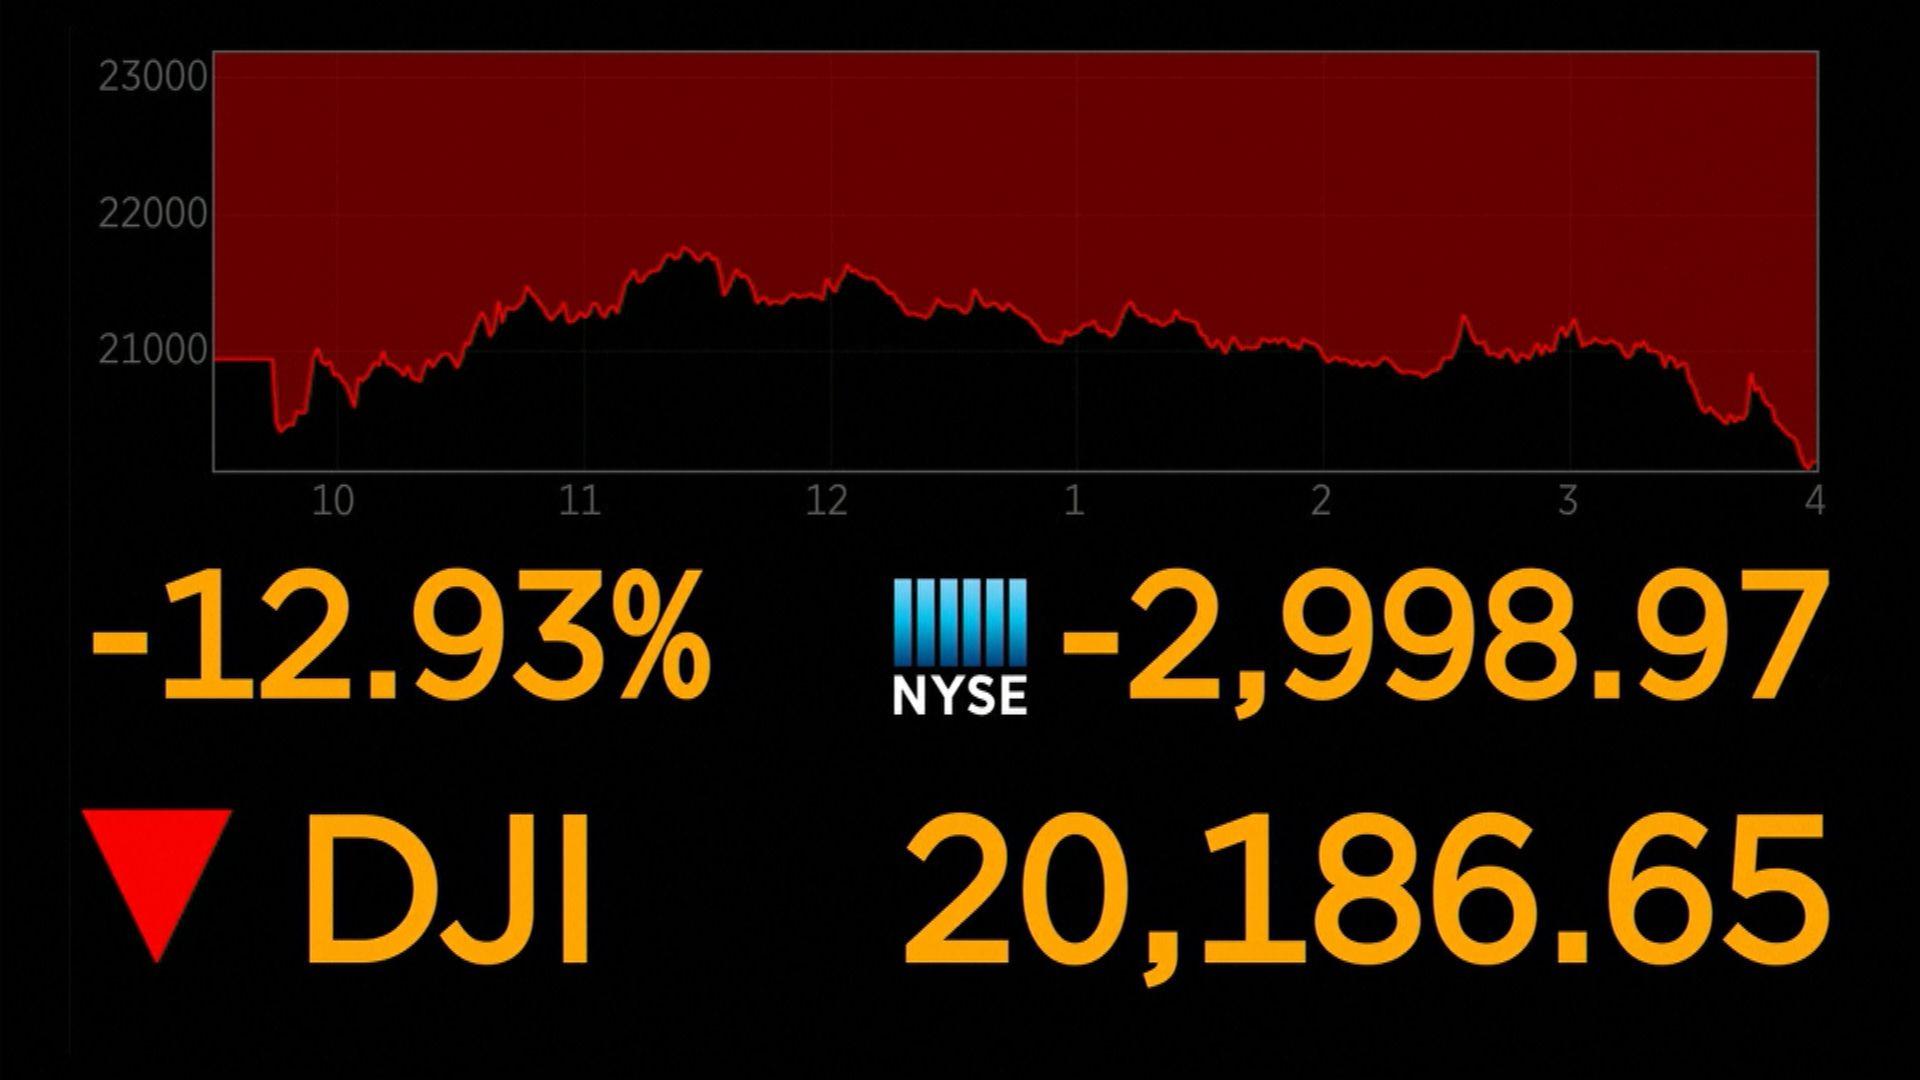 道指跌近三千點 因特朗普警告美經濟可能因疫情衰退